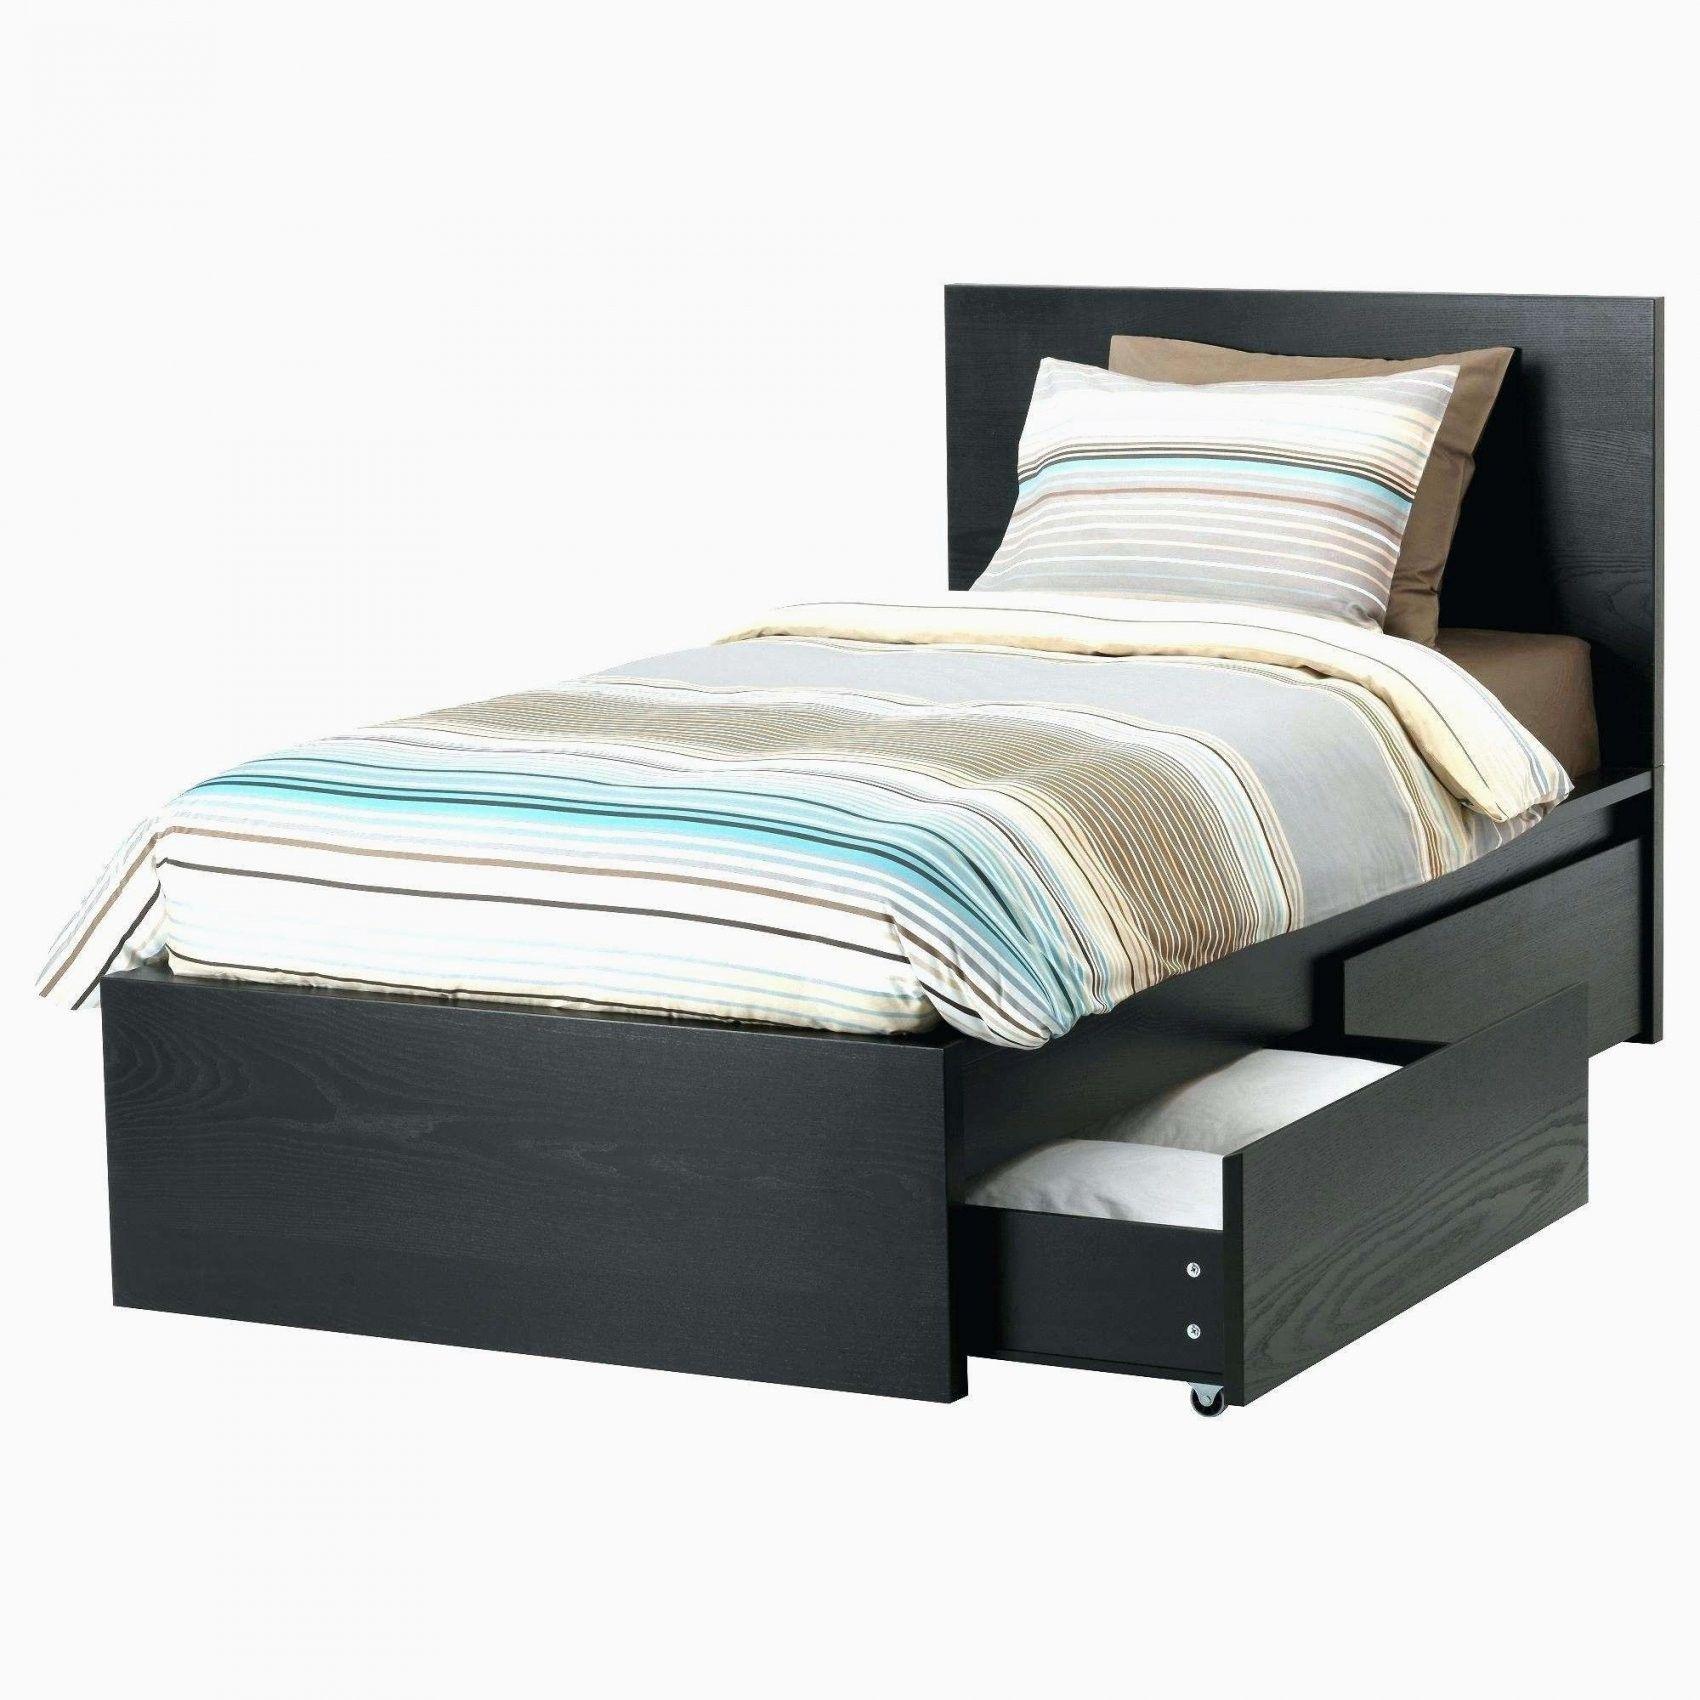 Bett 120x200 Gebraucht Inspirierend Bettkasten 120 200 Elegant Bett In 2020 Big Sofa Mit Schlaffunktion Bett Mit Bettkasten Wohnzimmer Design